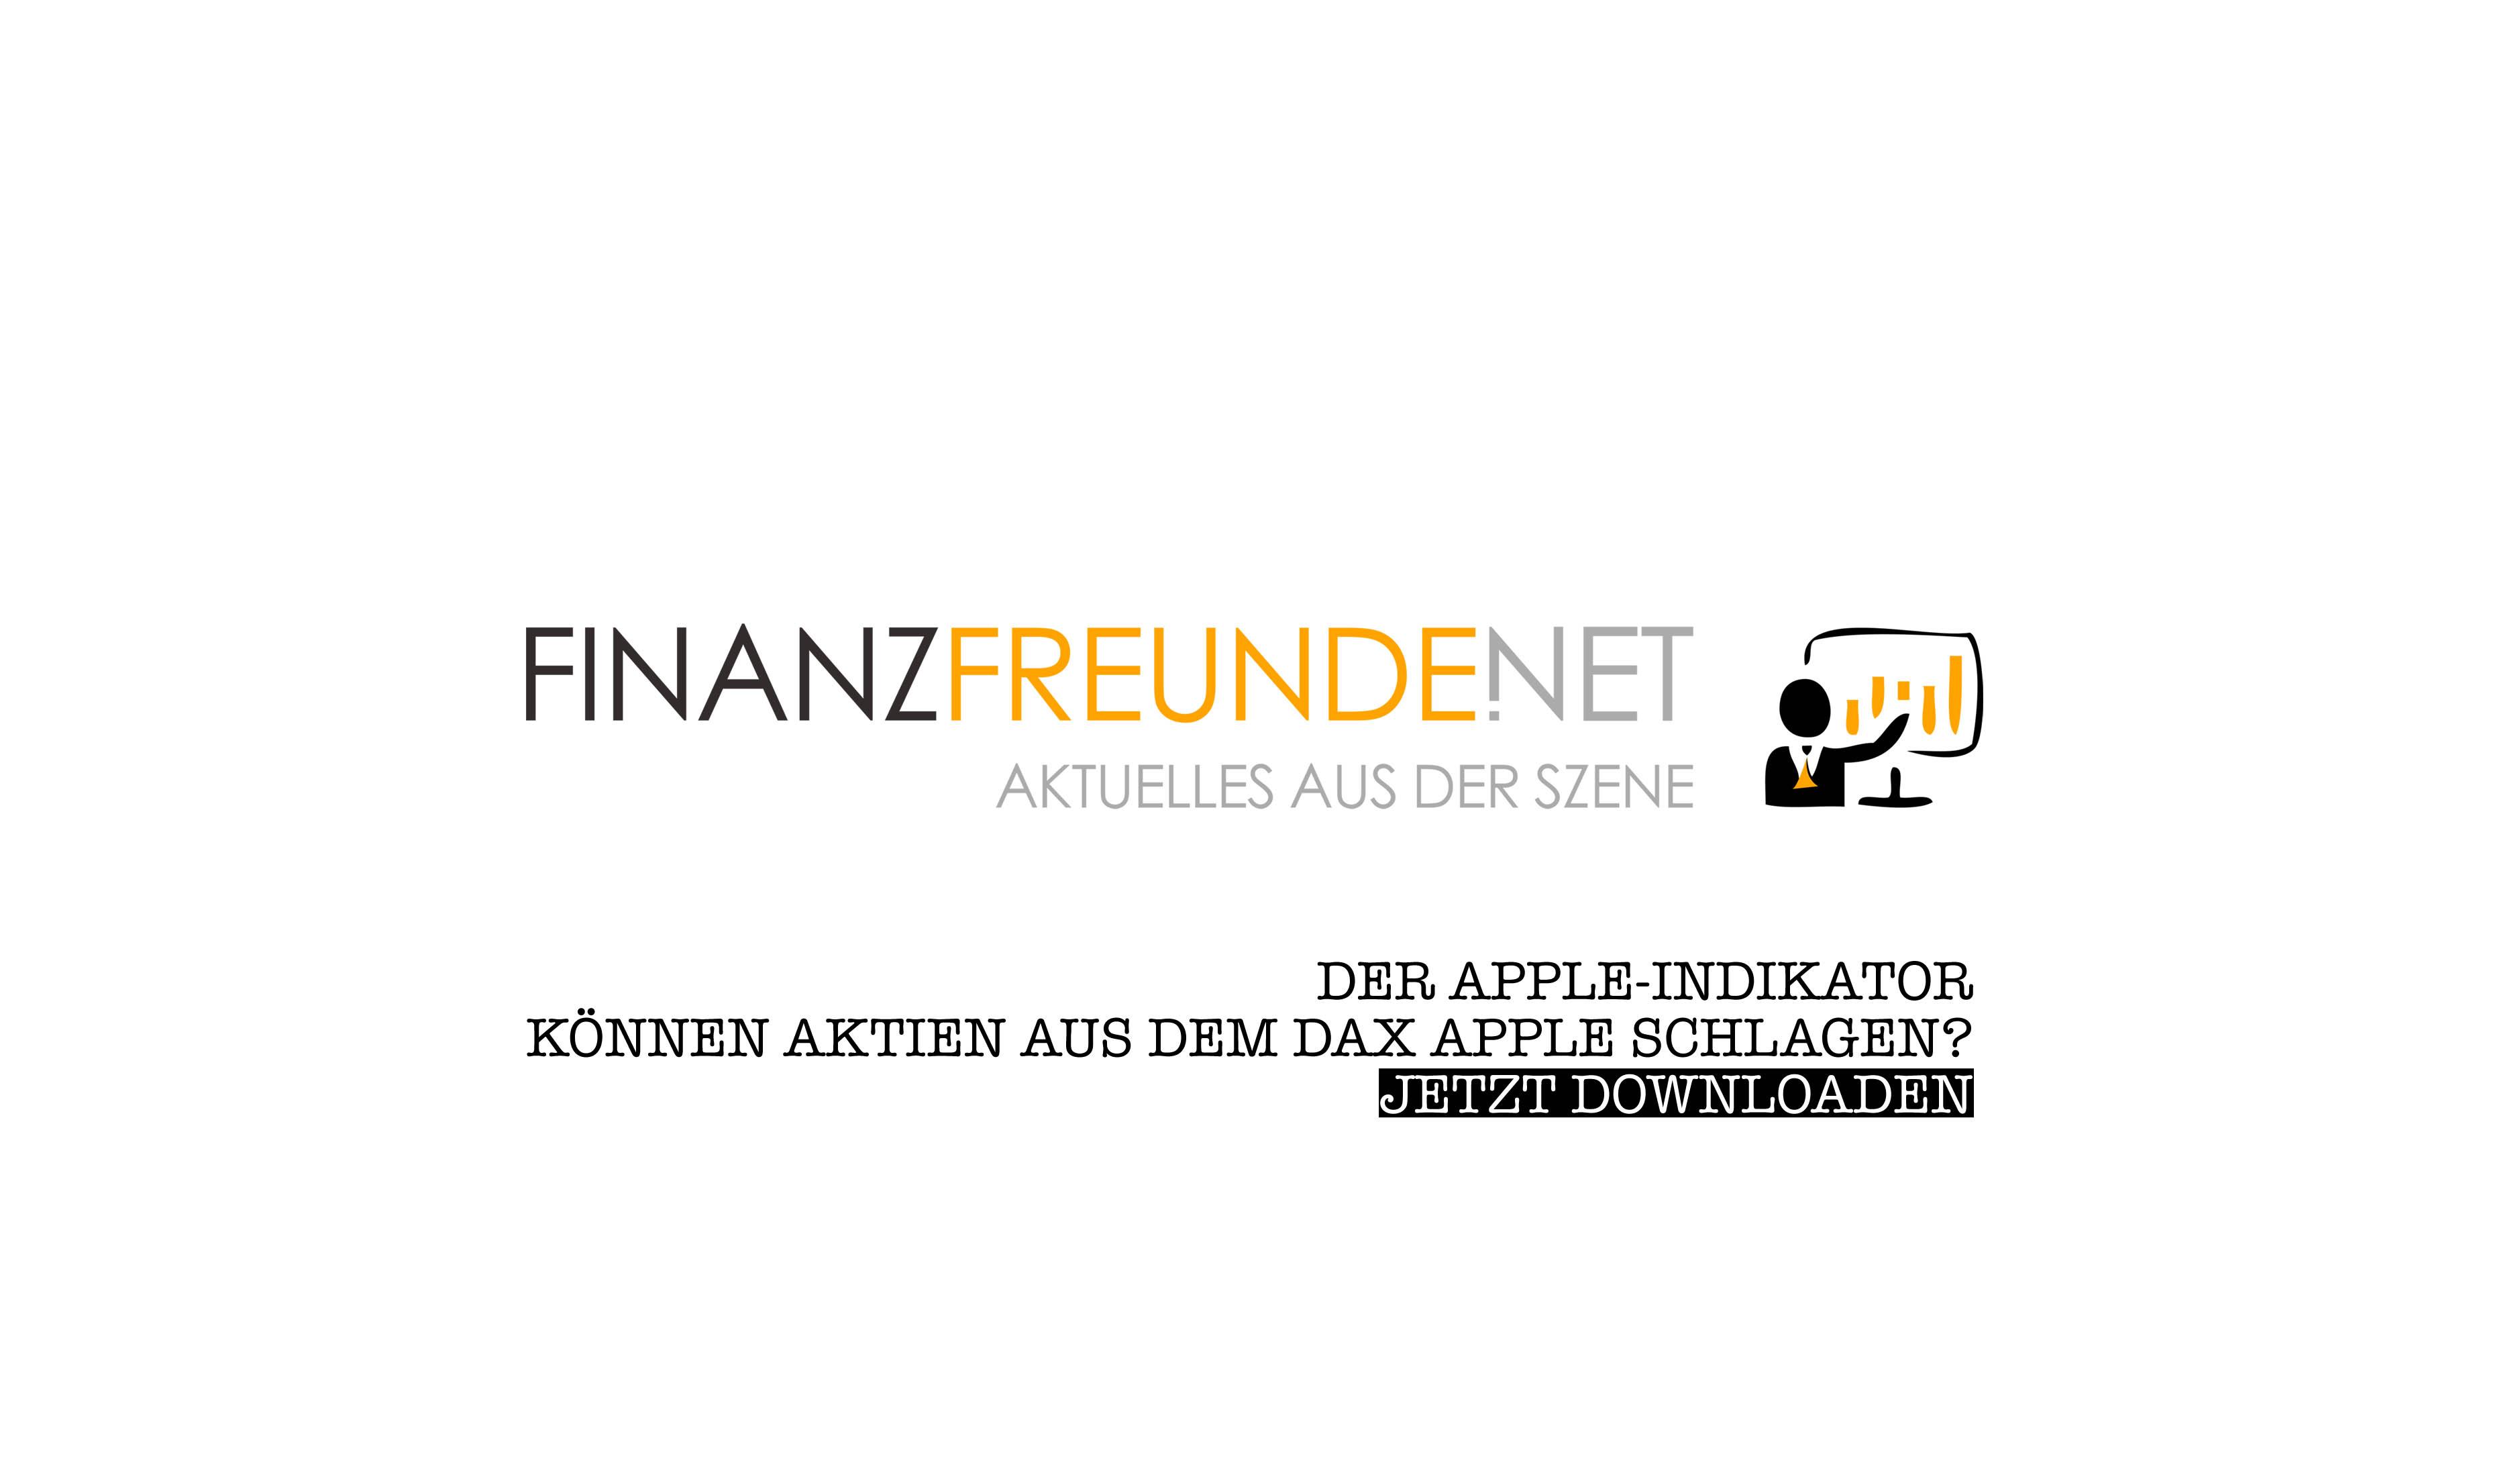 Der Apple-Indikator - Können Aktien aus dem Dax Apple schlagen? Jetzt Analyse downloaden!